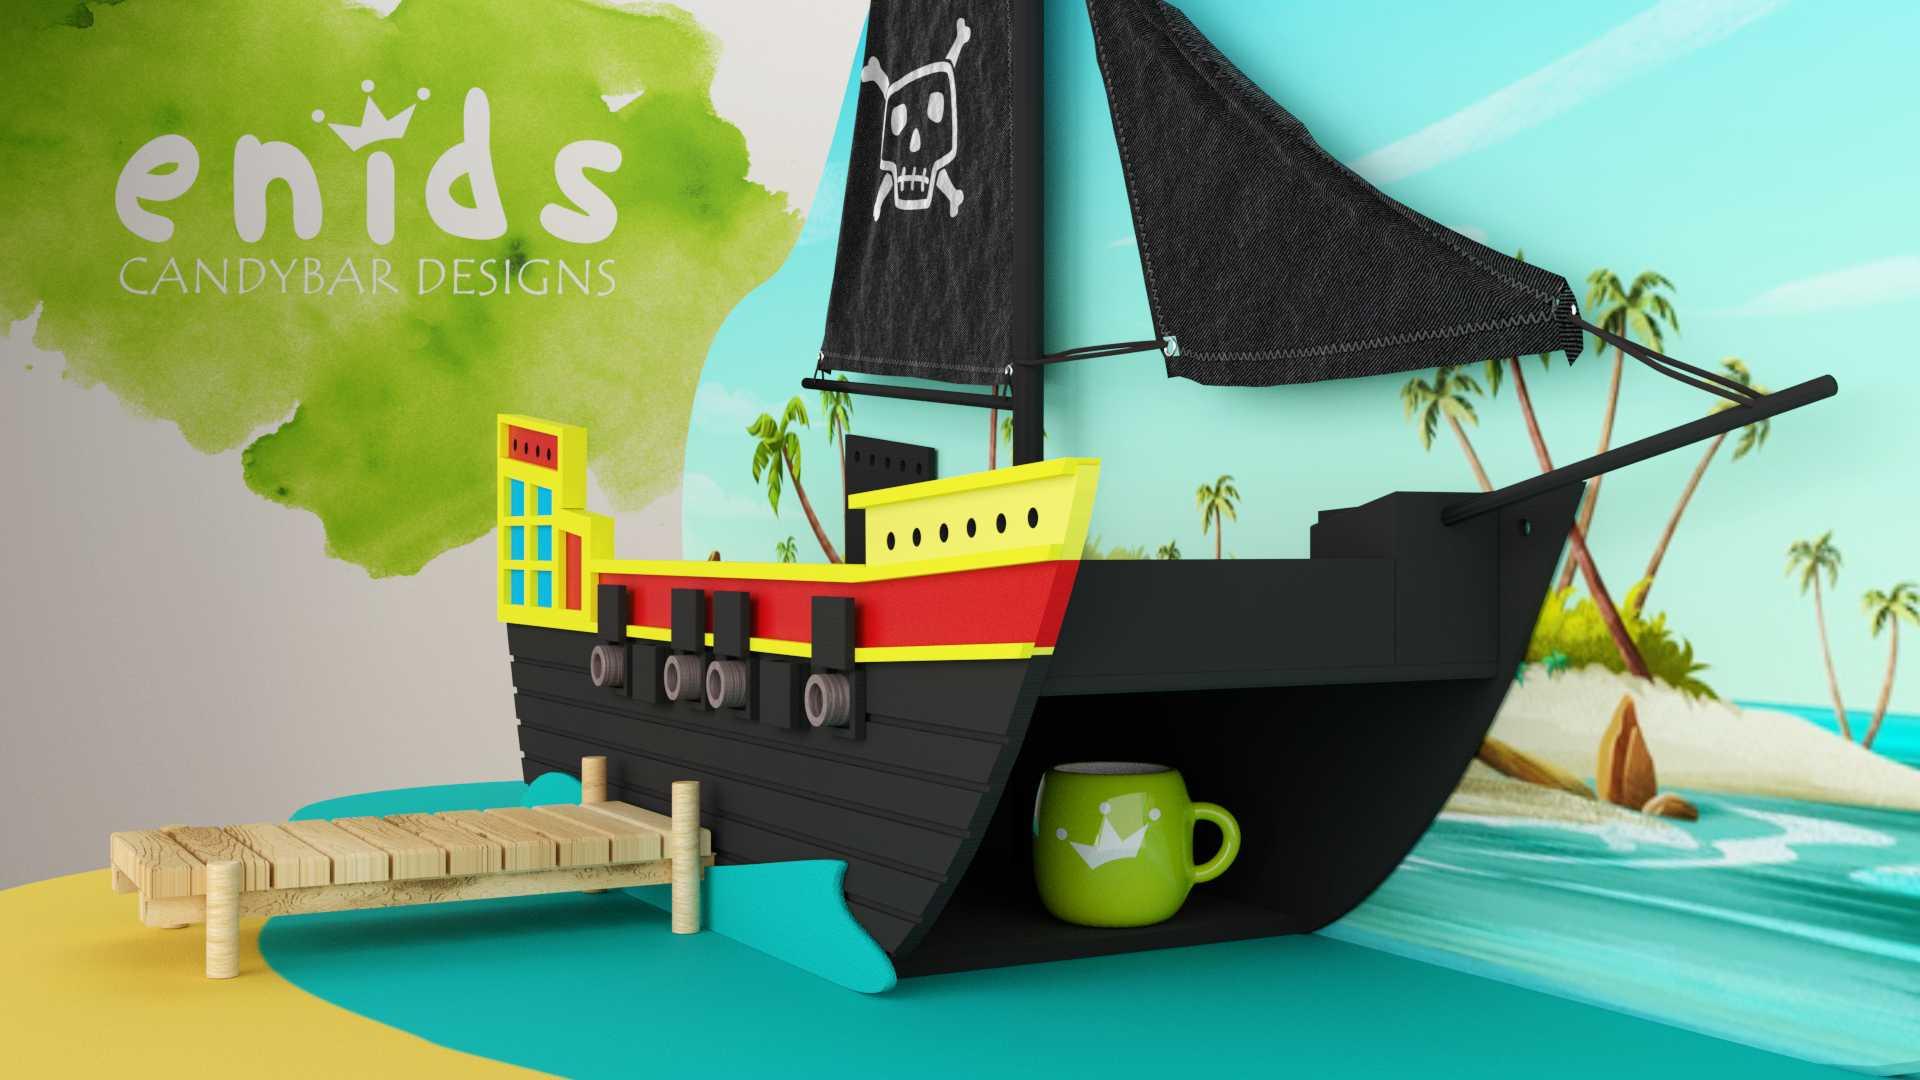 Model Pirate Island Vista 2